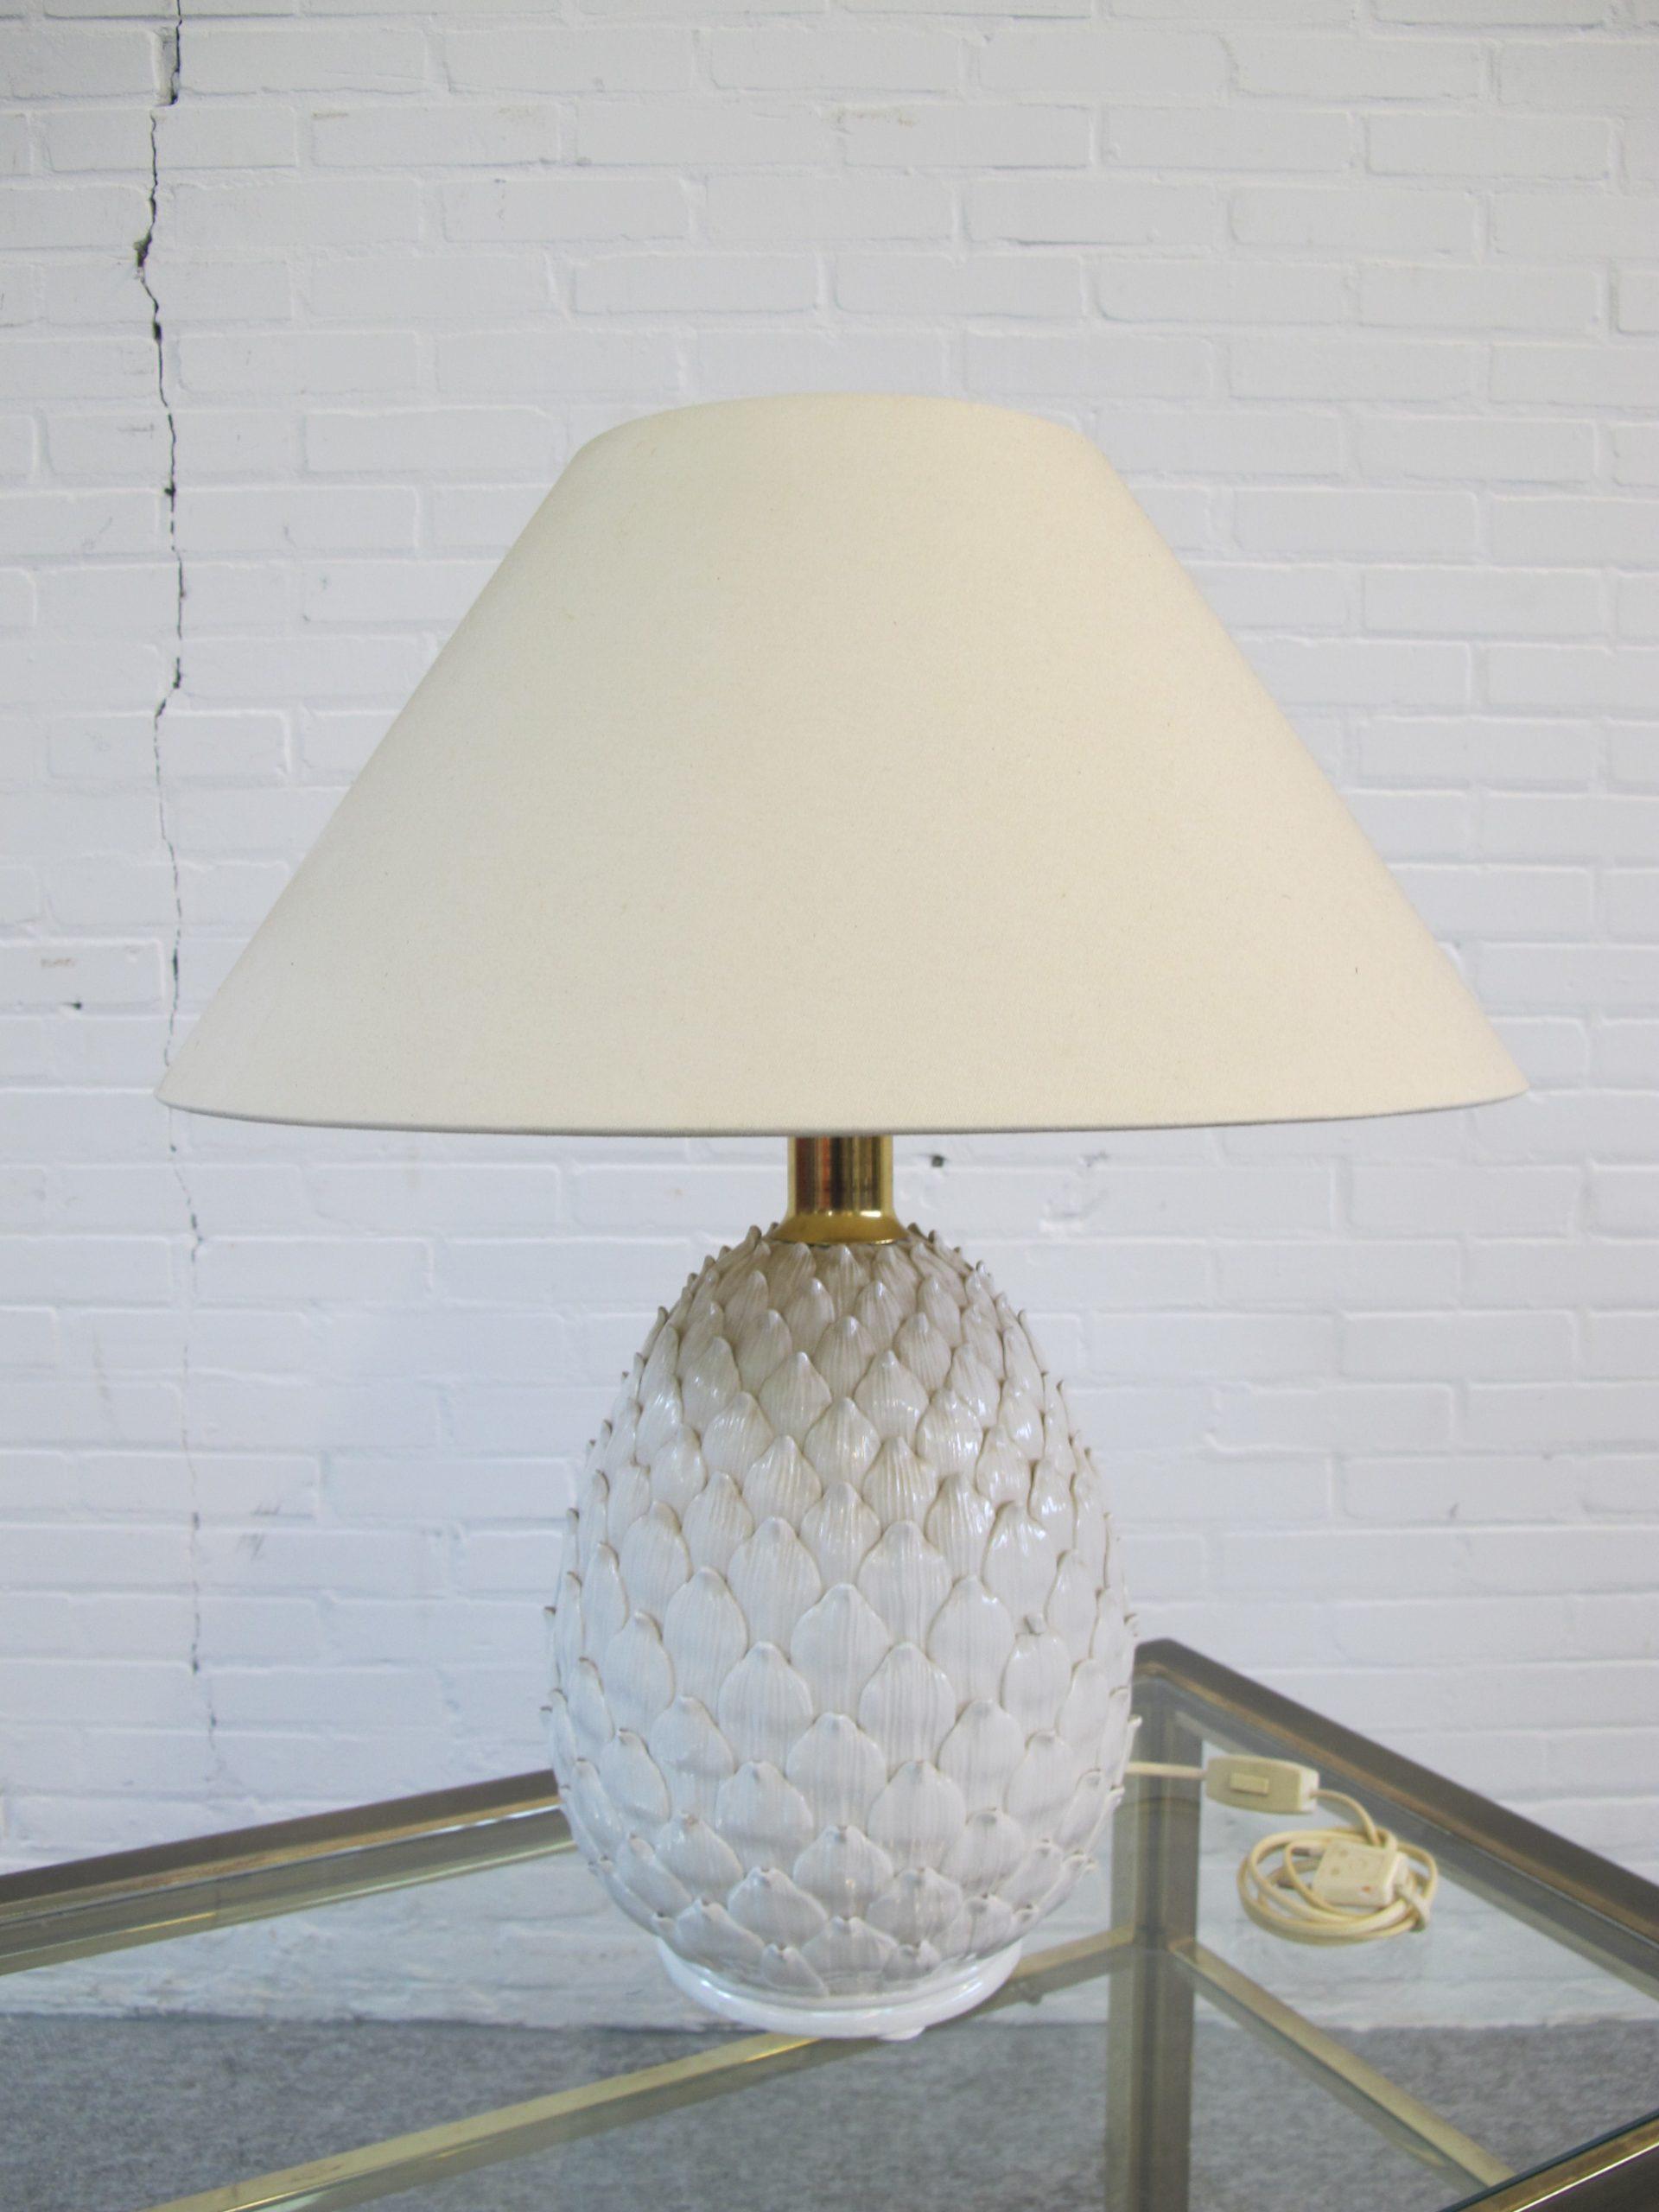 annanas lamp Pineapple table lamp Hollywood Regency vintage midcentury